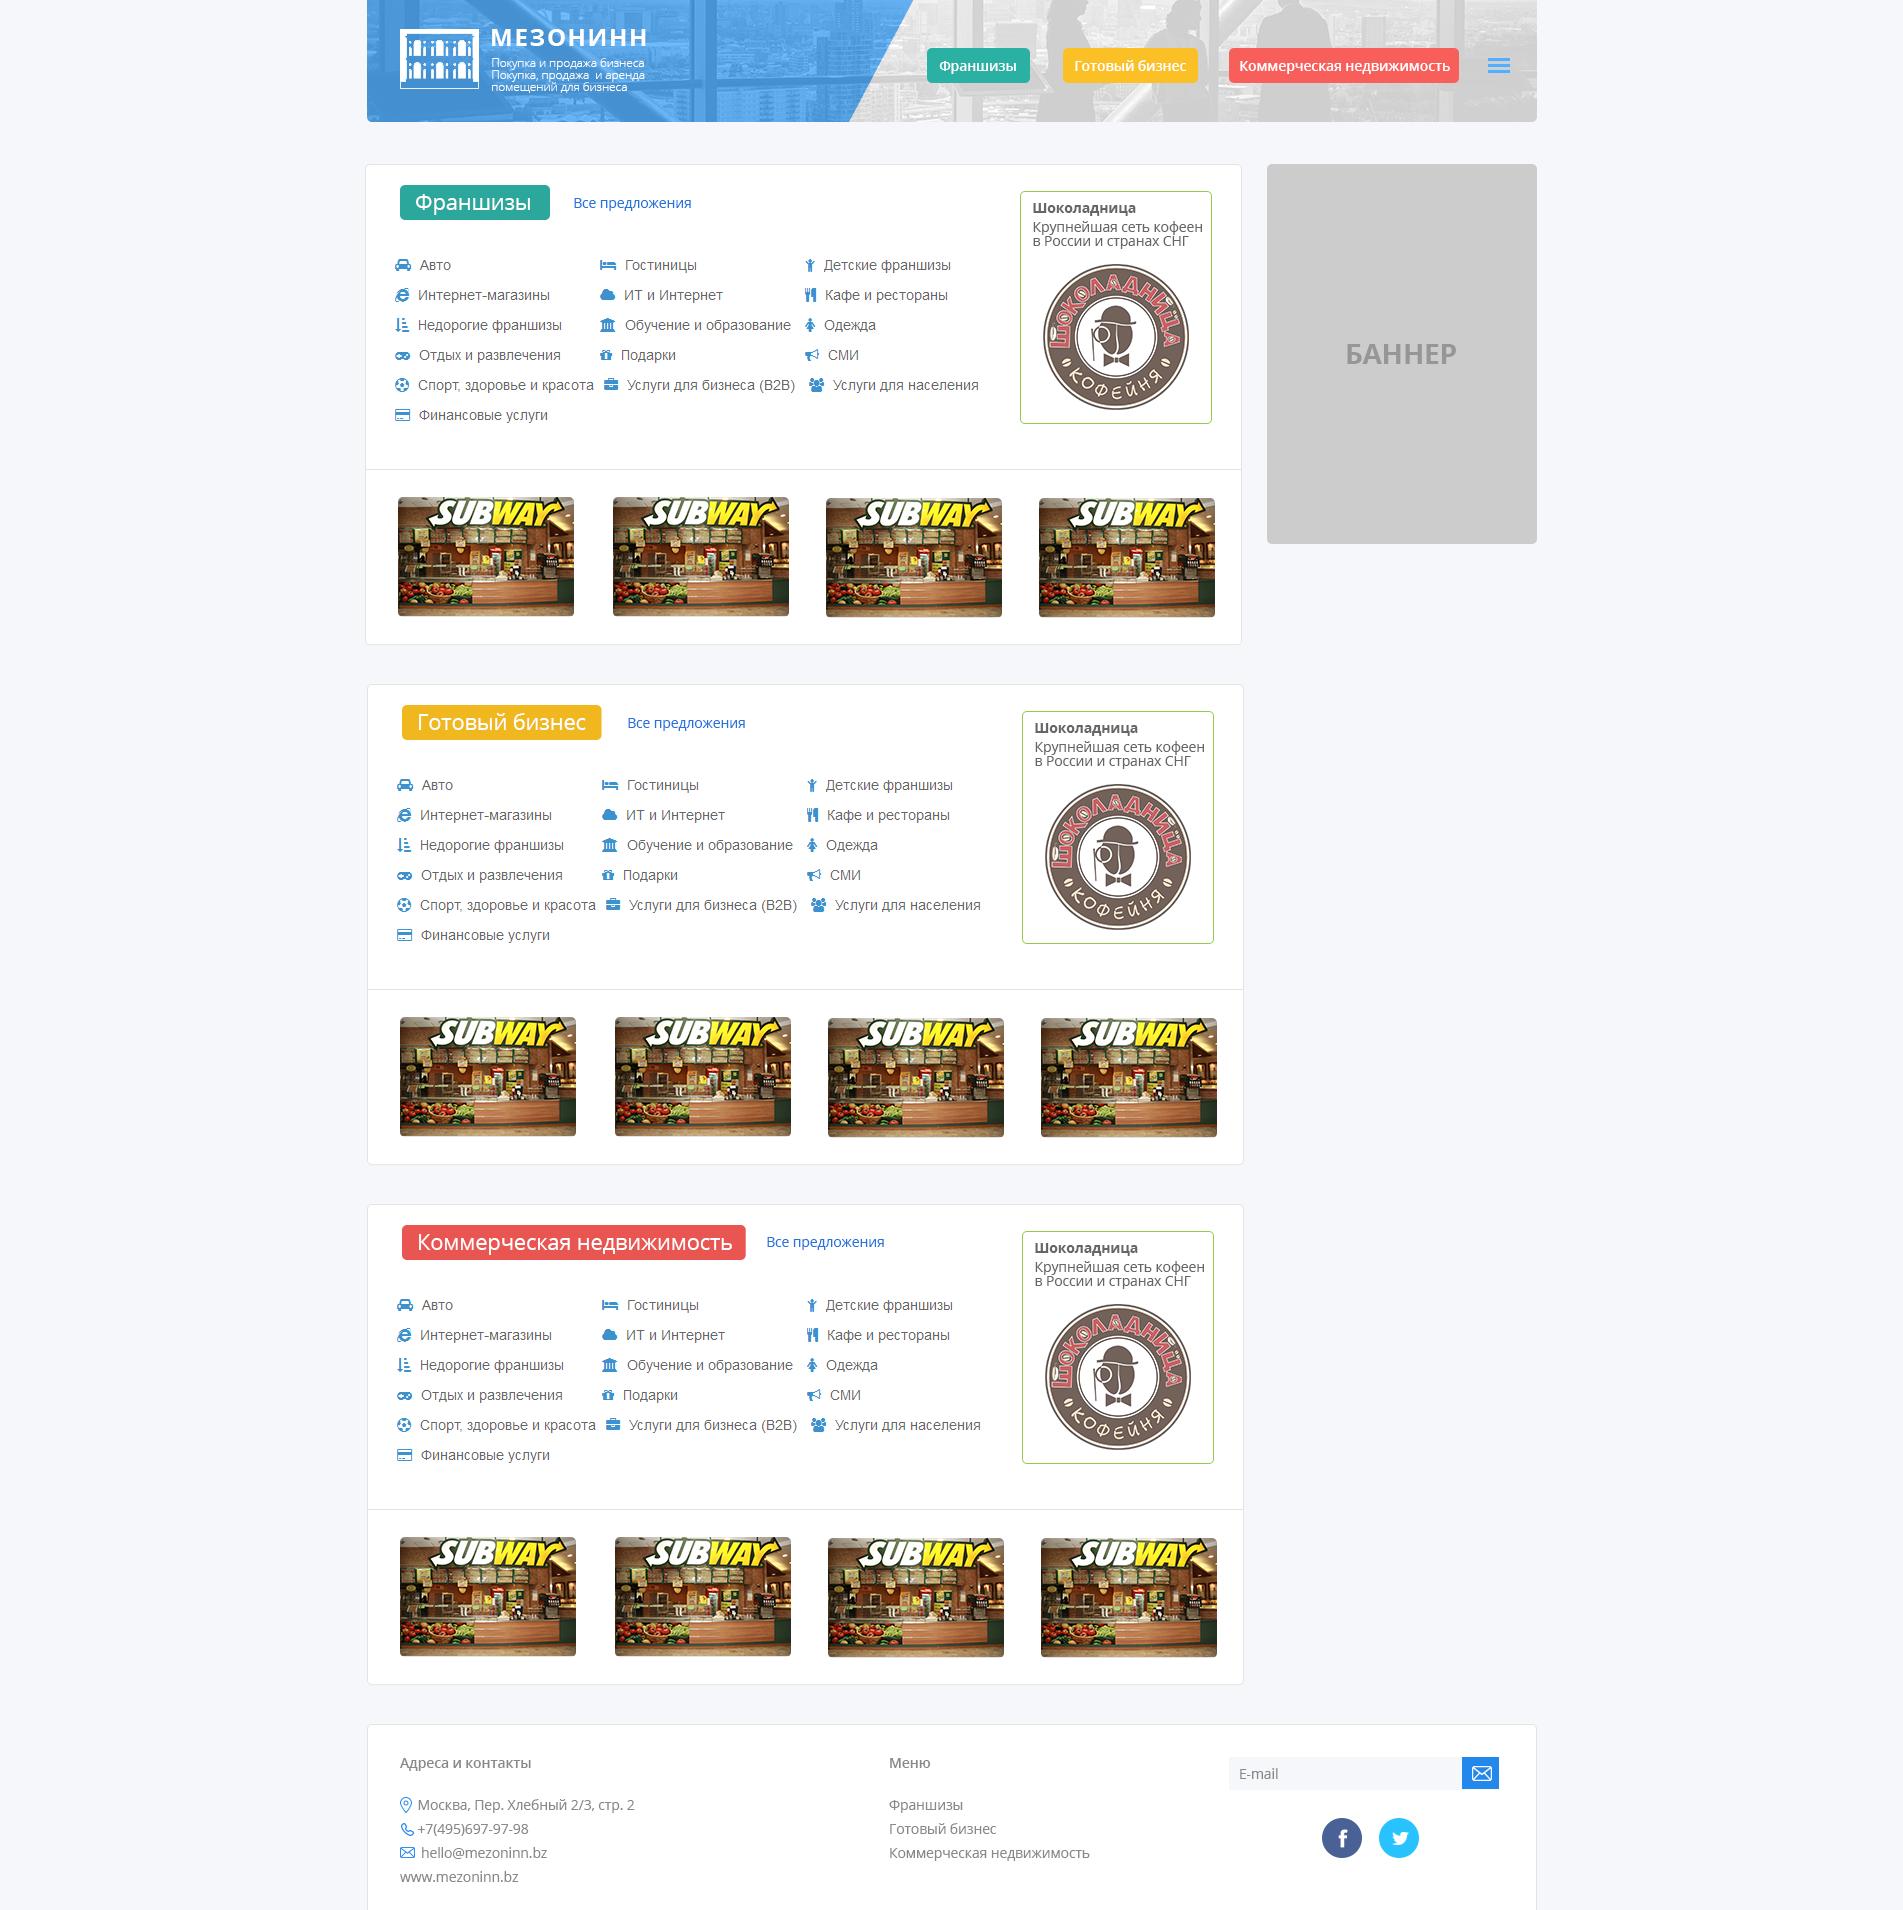 Доработать дизайн главной страницы сайта фото f_464574d690b2d70b.png